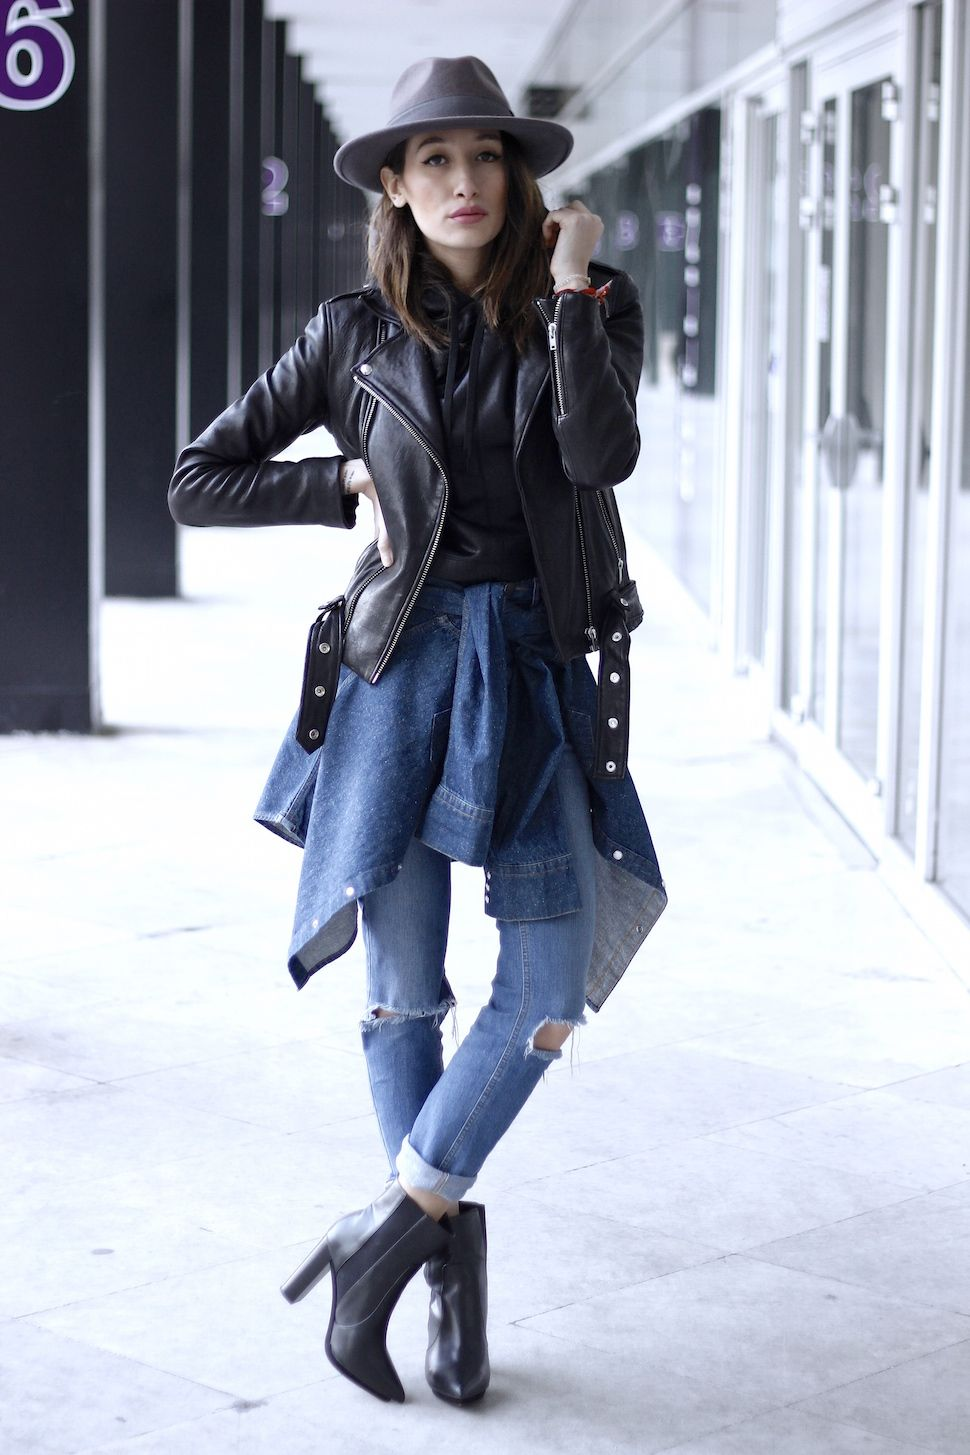 Alex's Closet - Blog mode et voyage - Paris | Montréal: Jeans and Leather